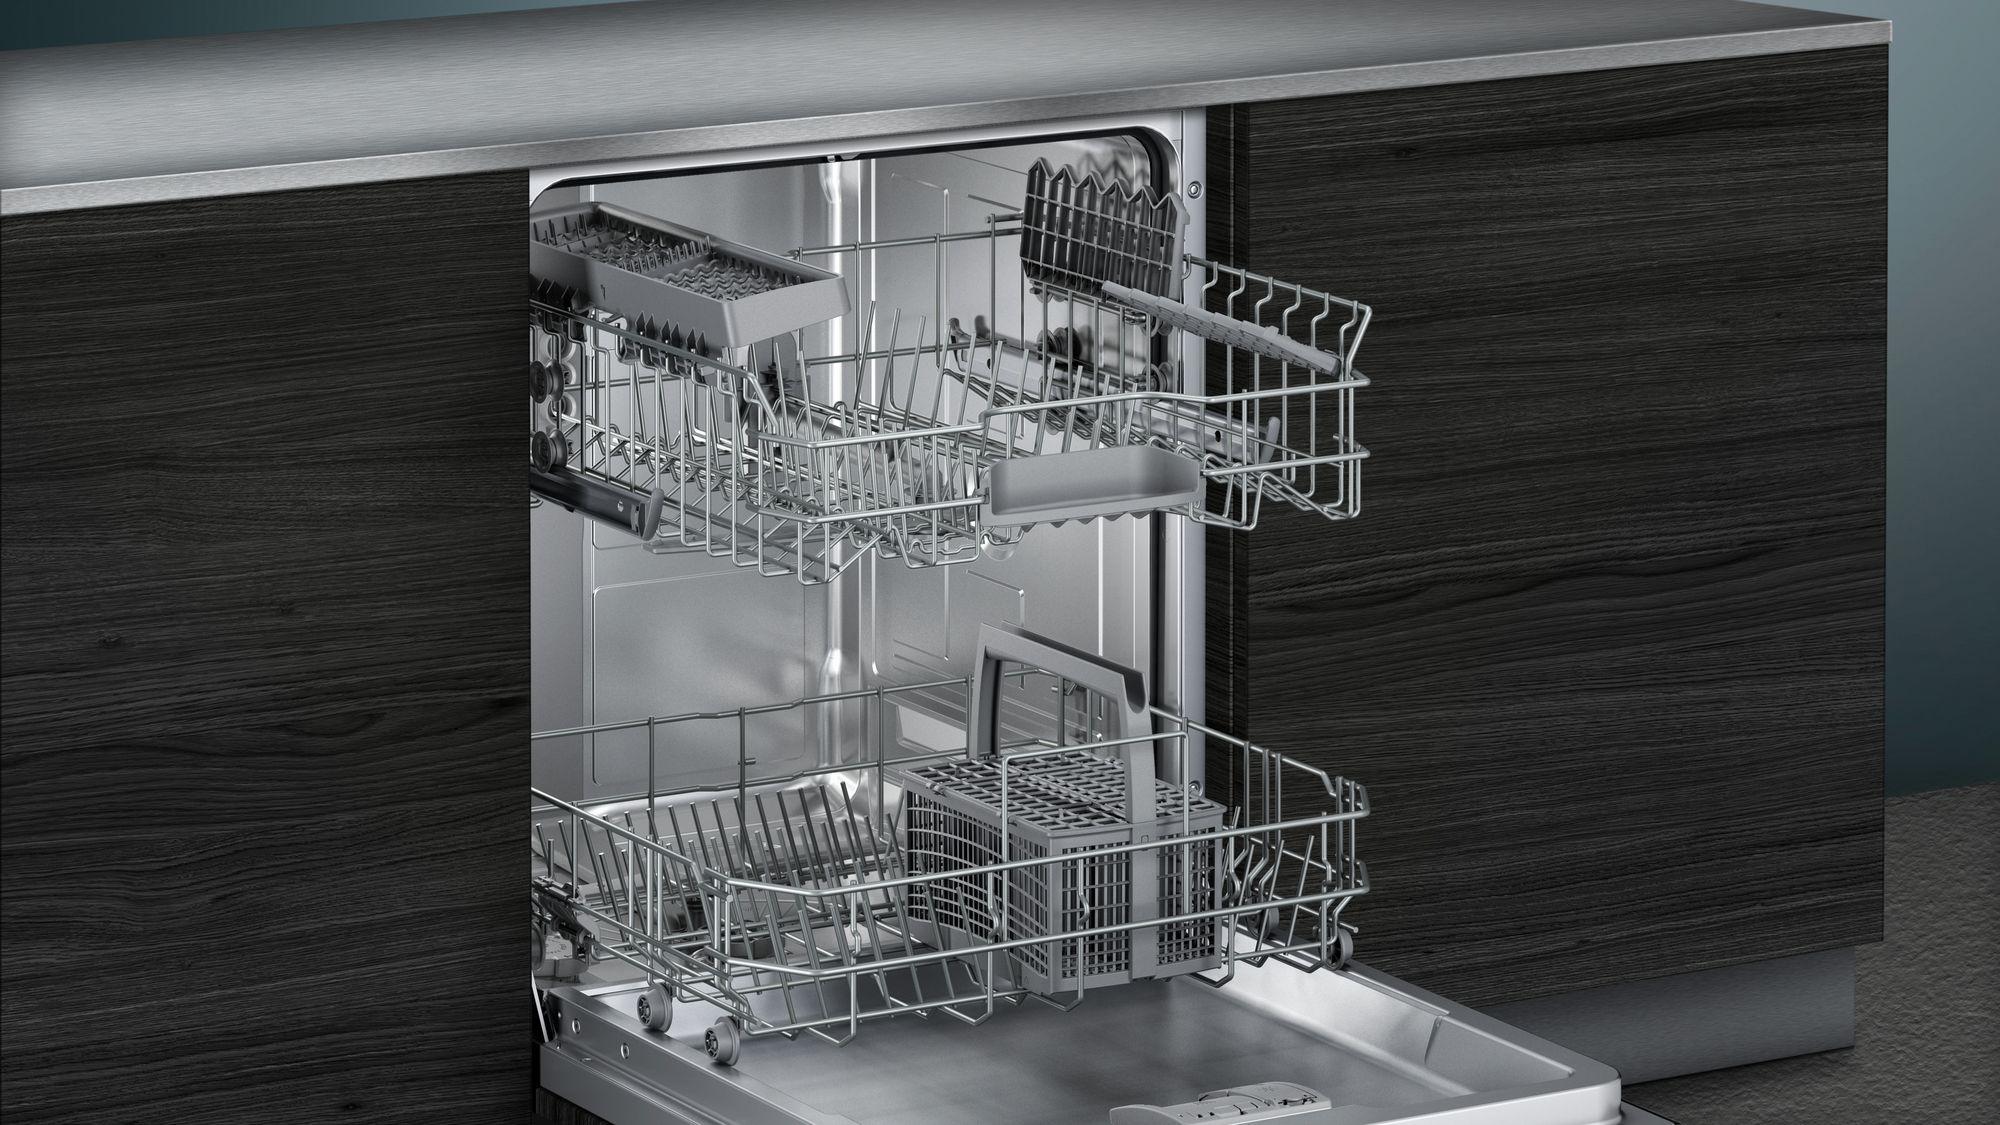 холостой запуск посудомойки